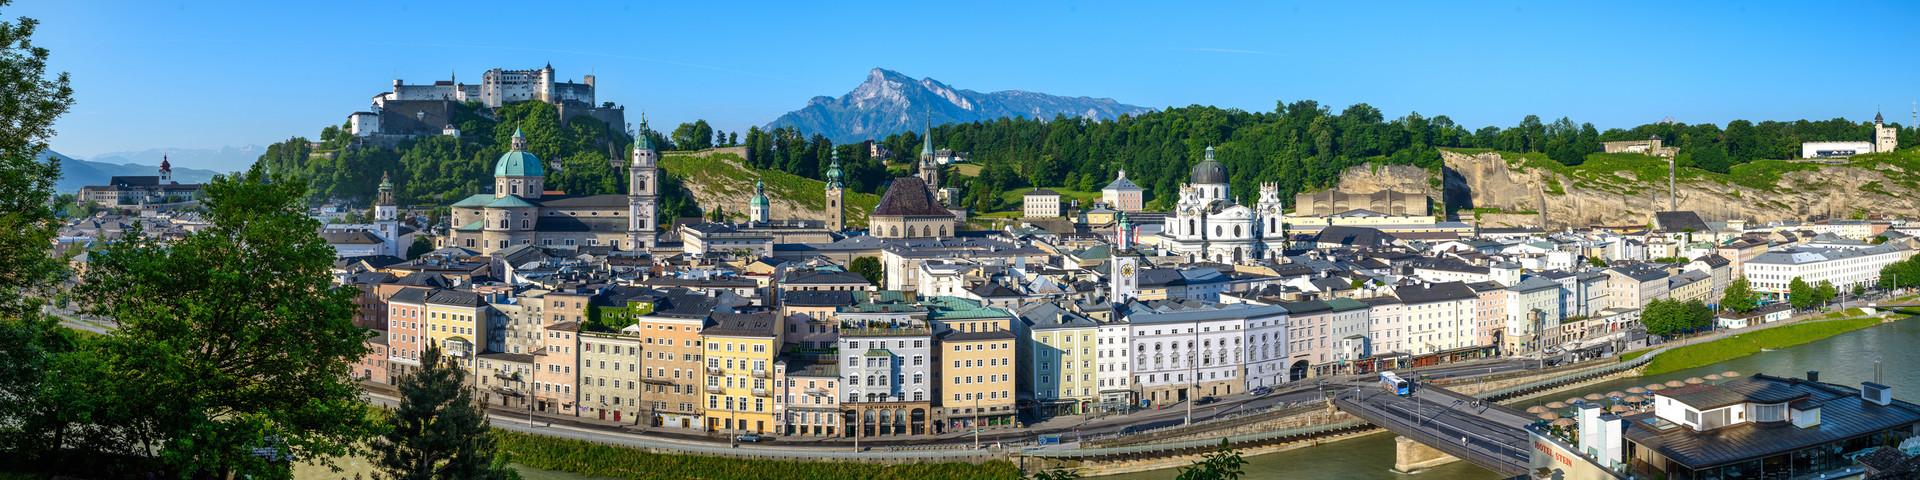 Salzburg Panorama © Tourismus Salzburg GmbH